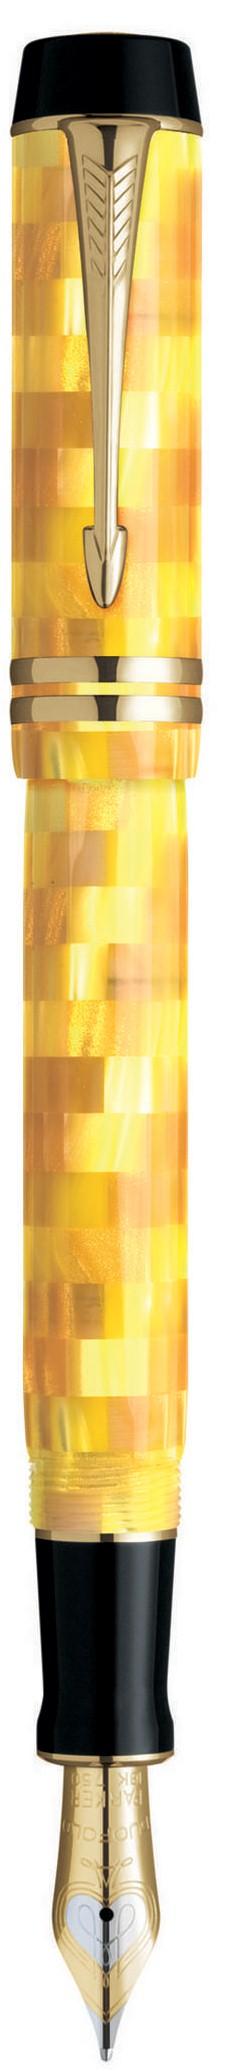 Bút máy Parker Duofold vân vàng cài vàng